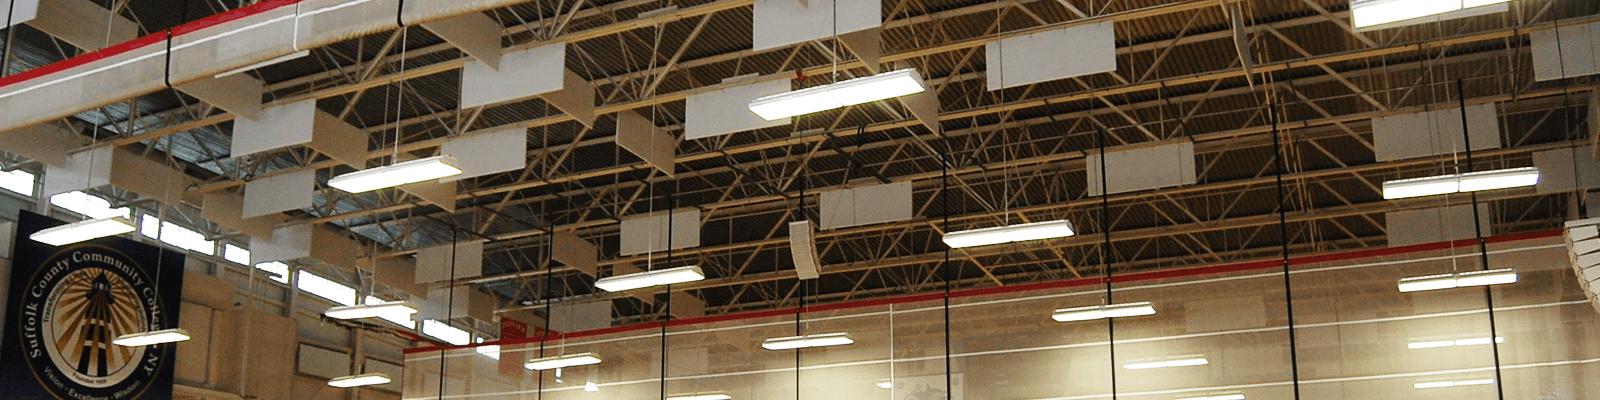 Gymnasium/Auditorium